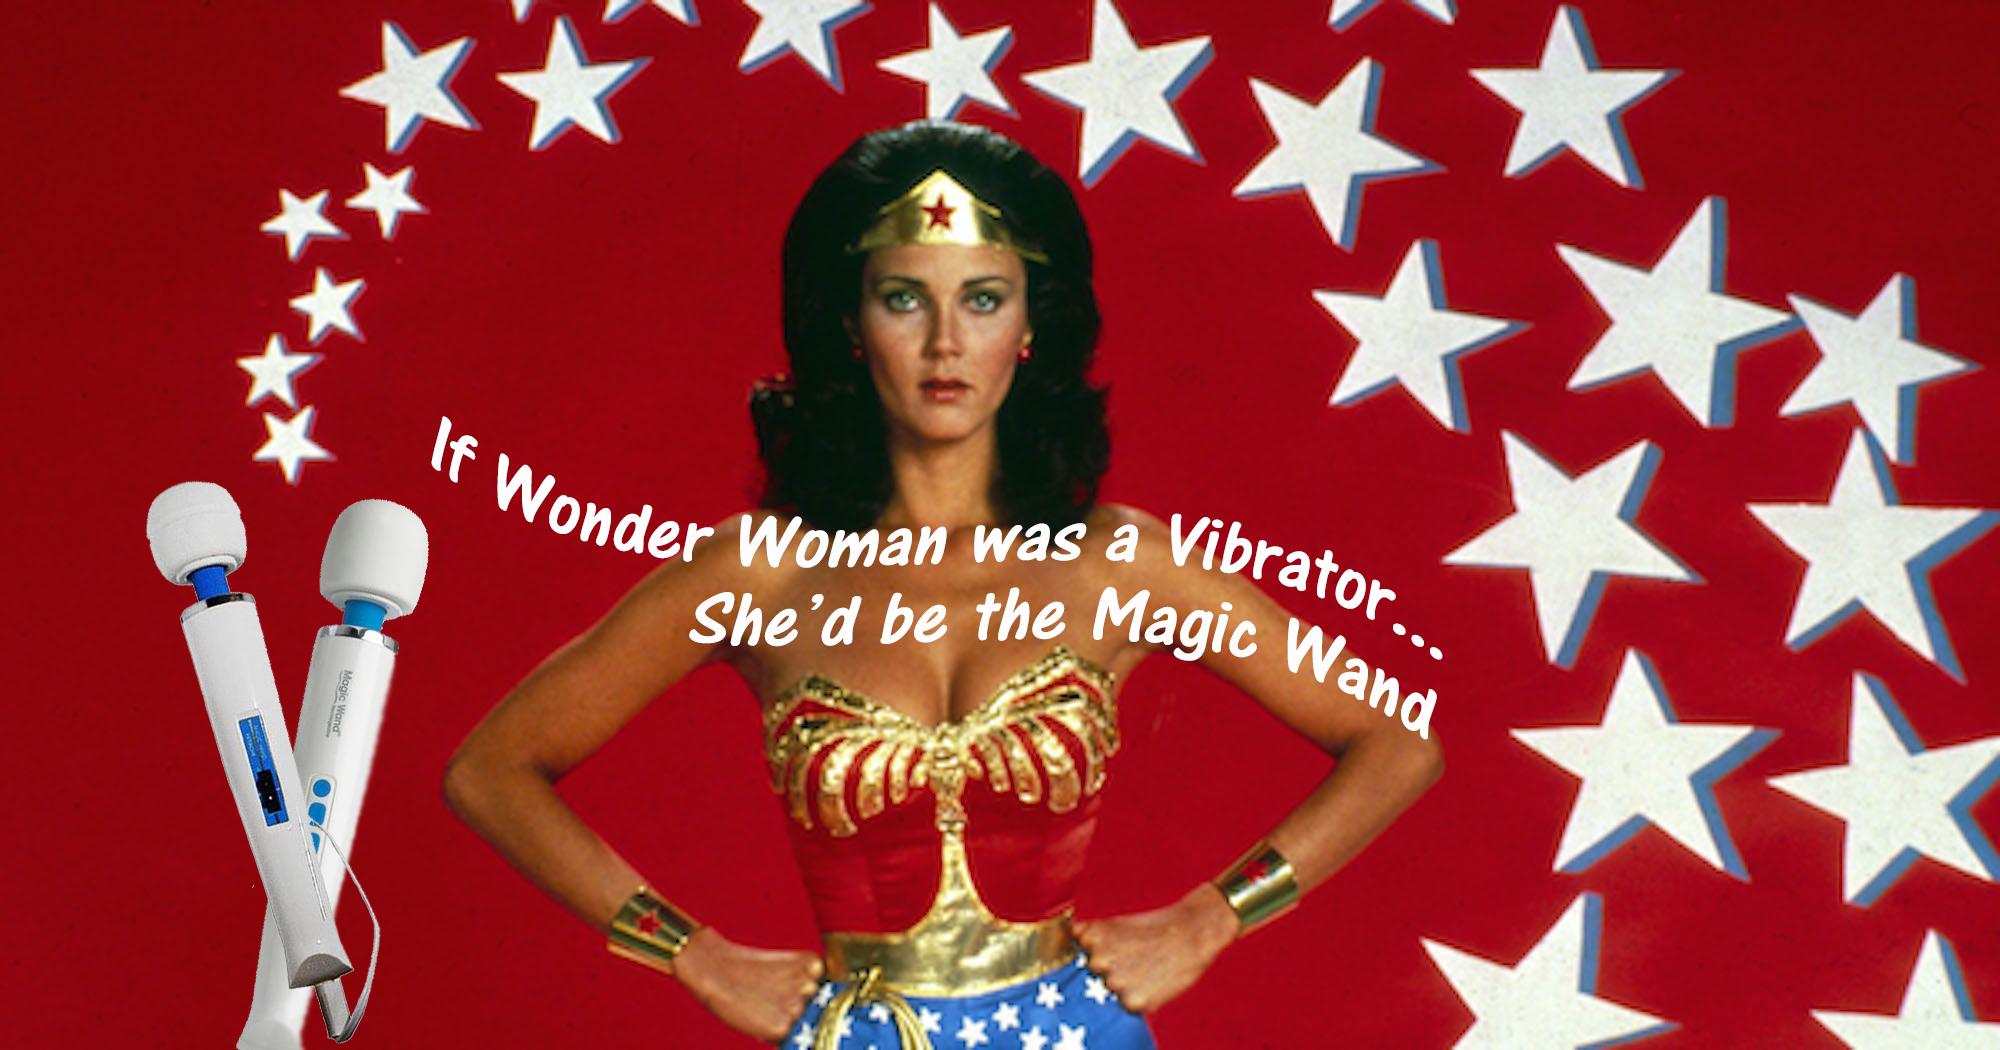 wand vibrator Wonder